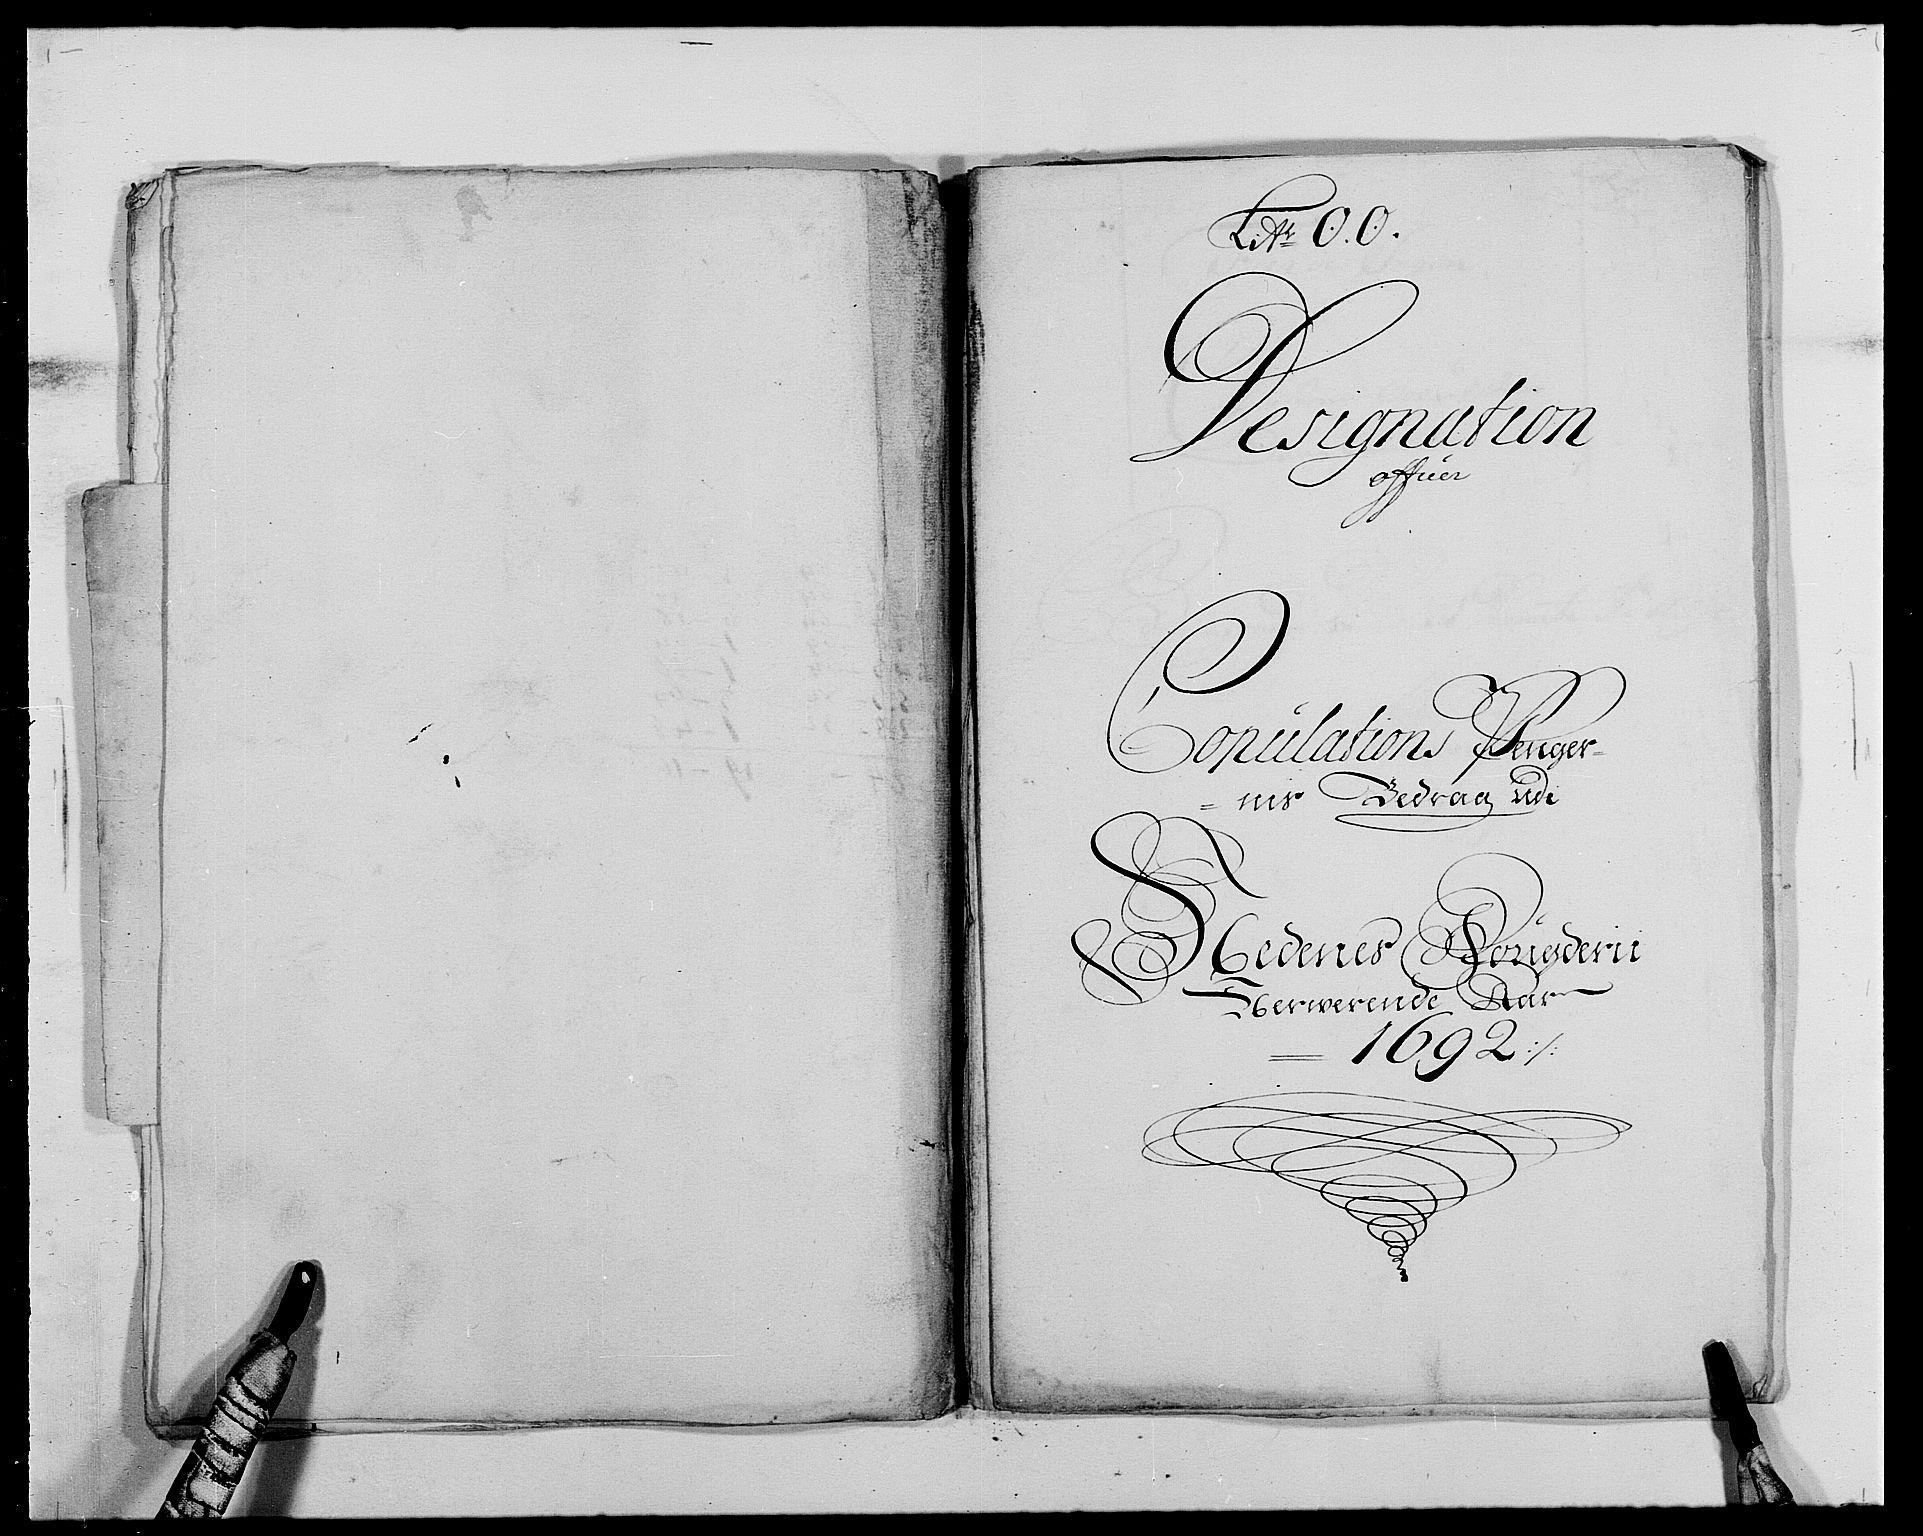 RA, Rentekammeret inntil 1814, Reviderte regnskaper, Fogderegnskap, R39/L2311: Fogderegnskap Nedenes, 1690-1692, s. 252